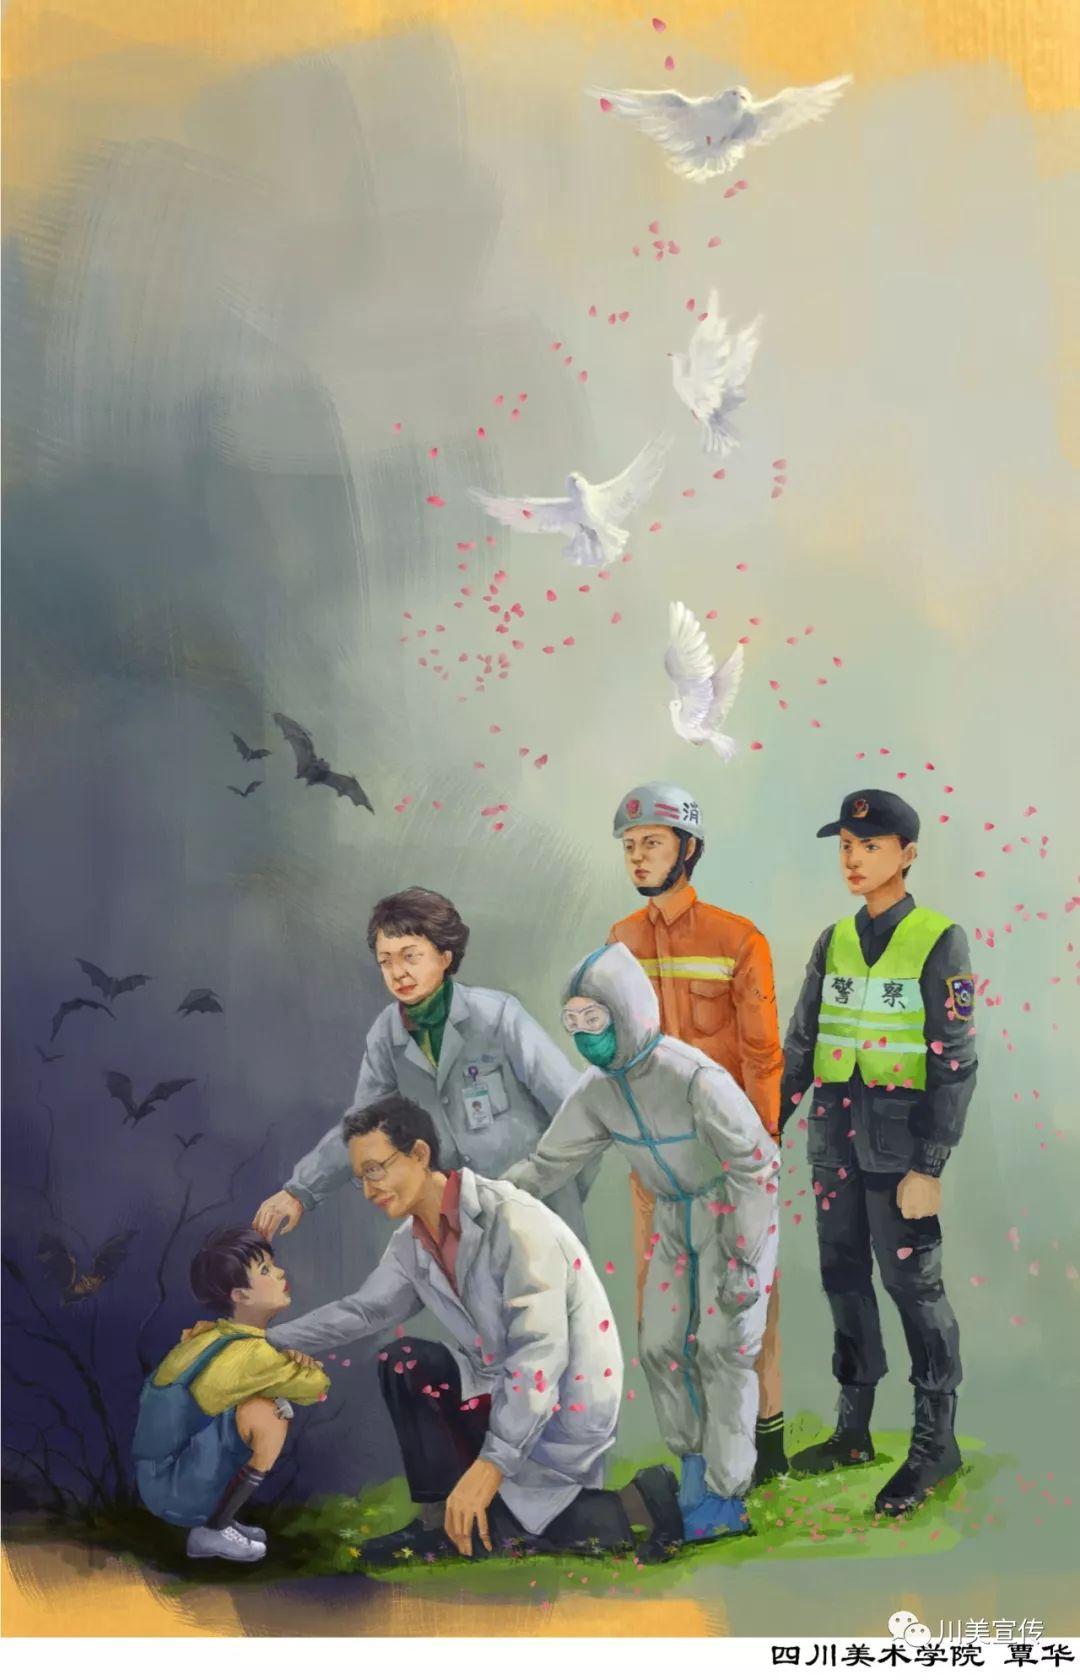 疫情当前,九大美院及千名画家用作品为武汉加油!看后暖哭了…插图102